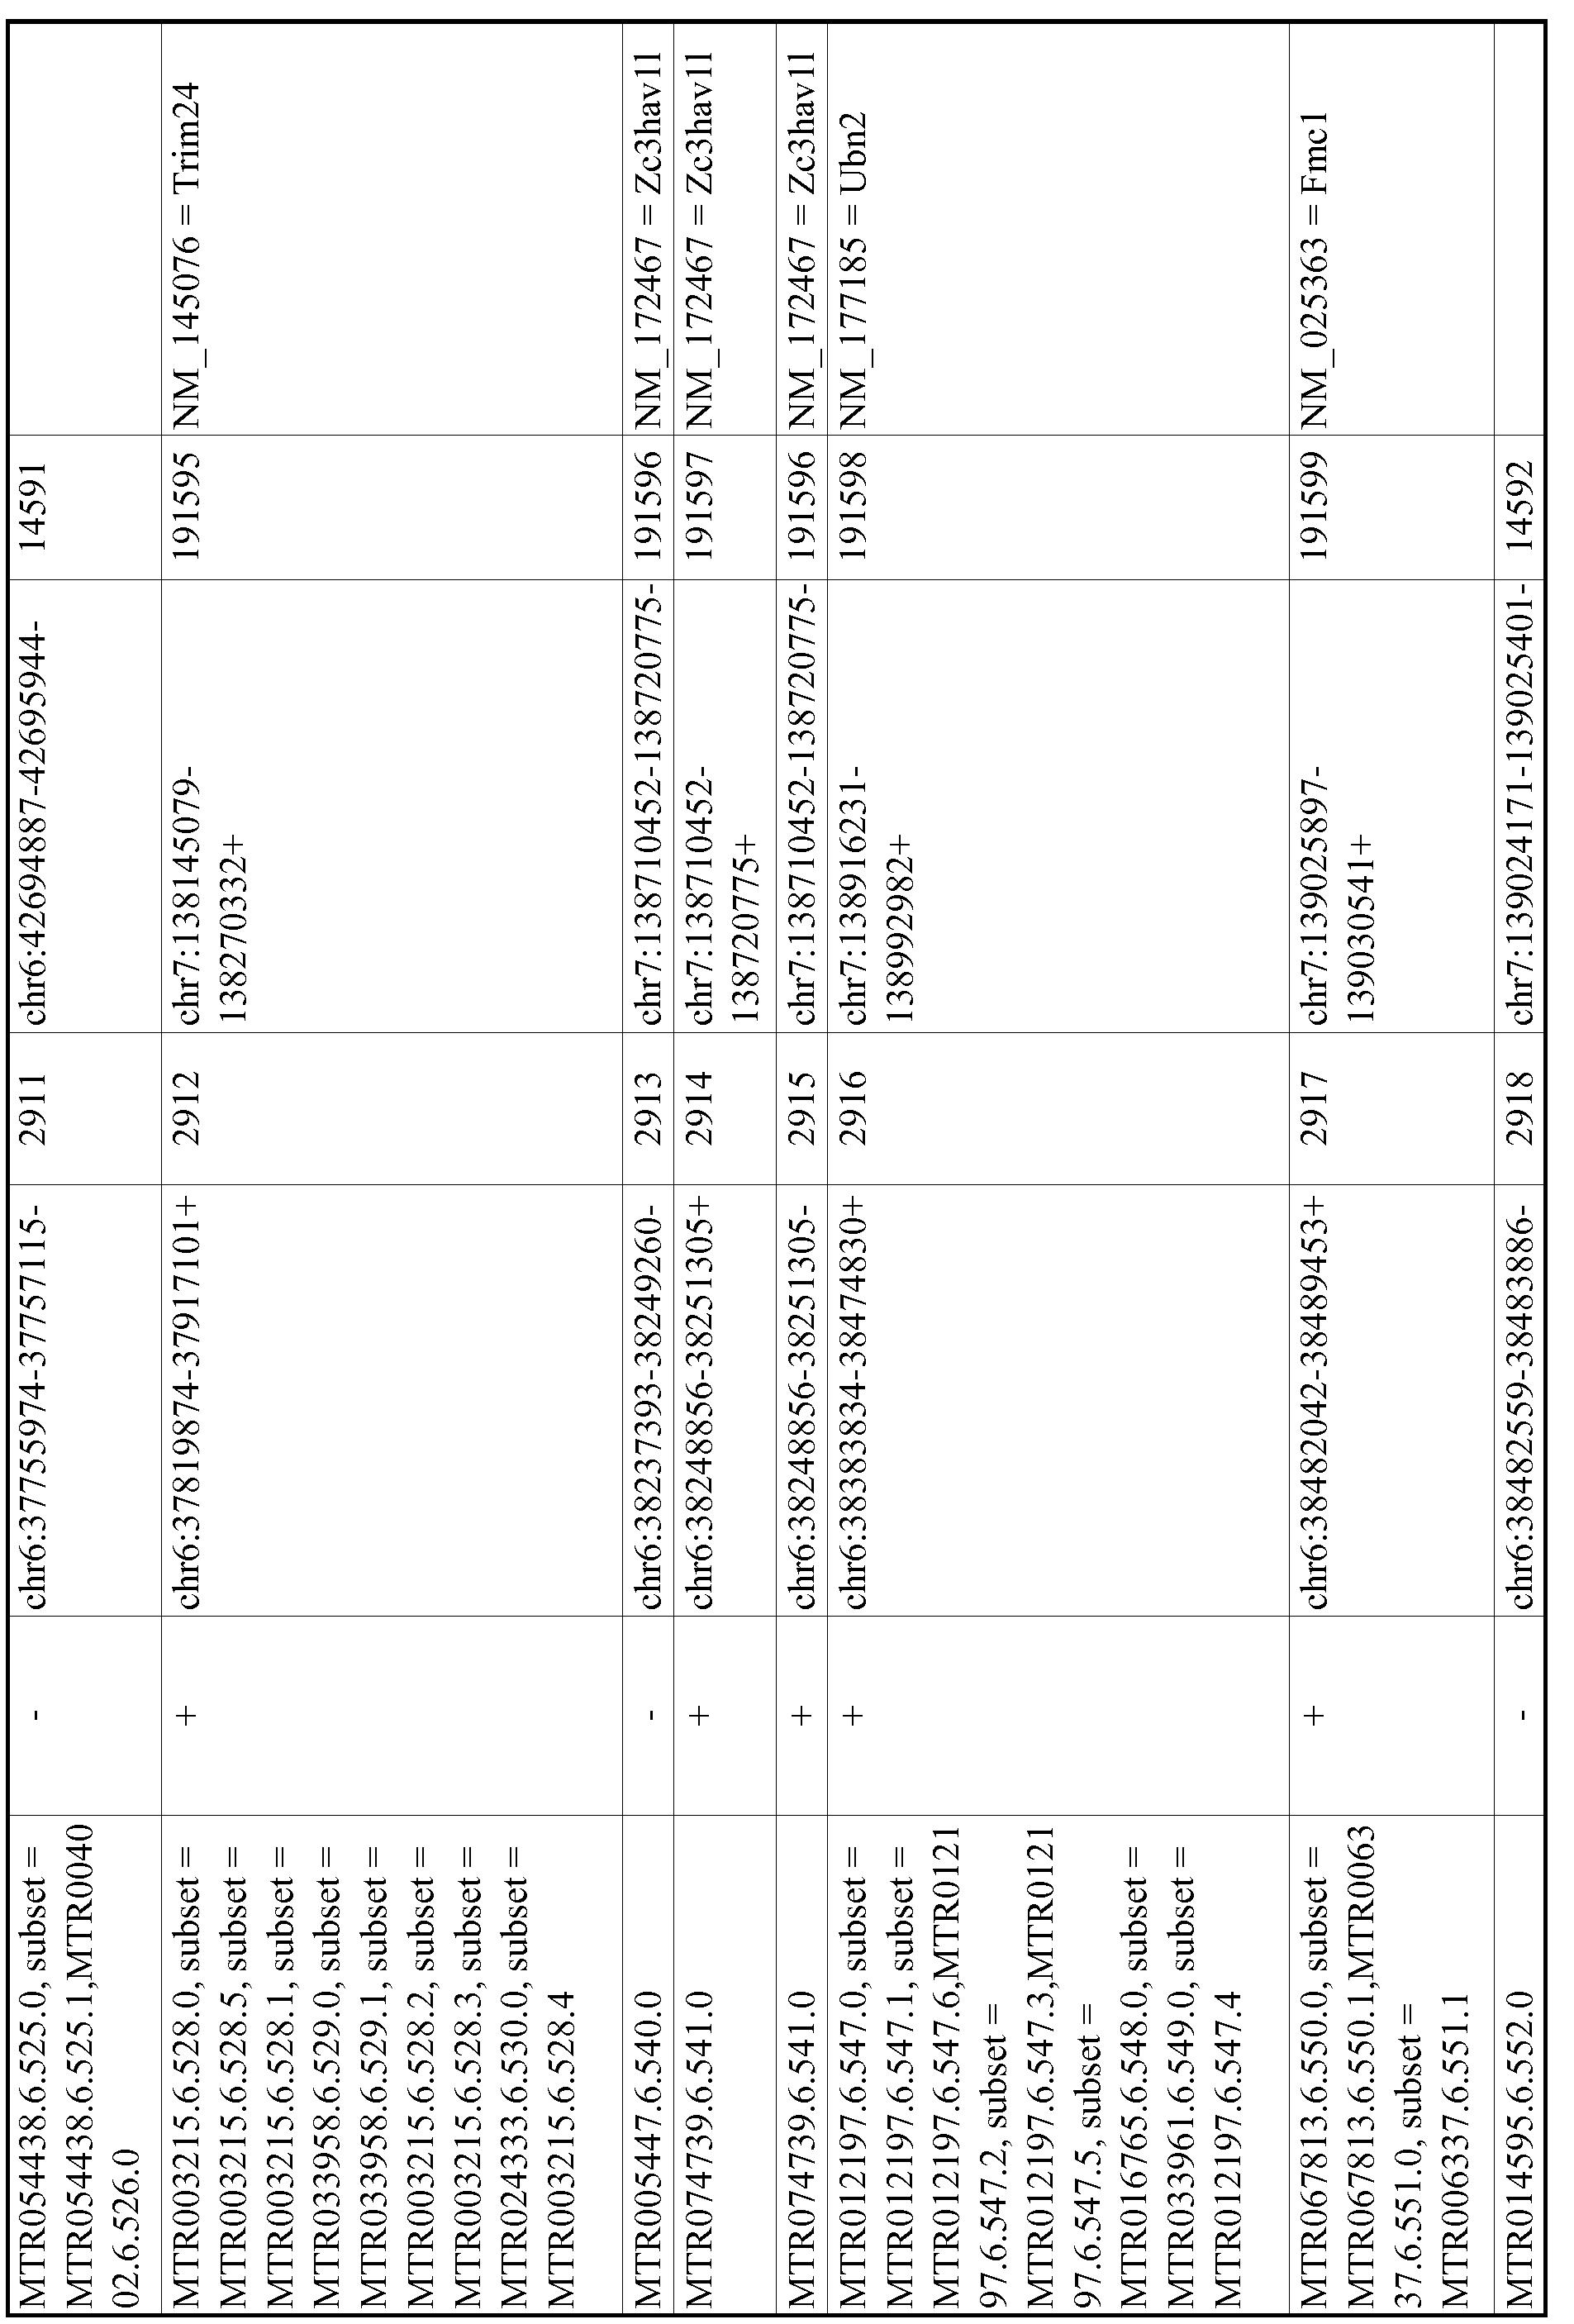 Figure imgf000593_0001